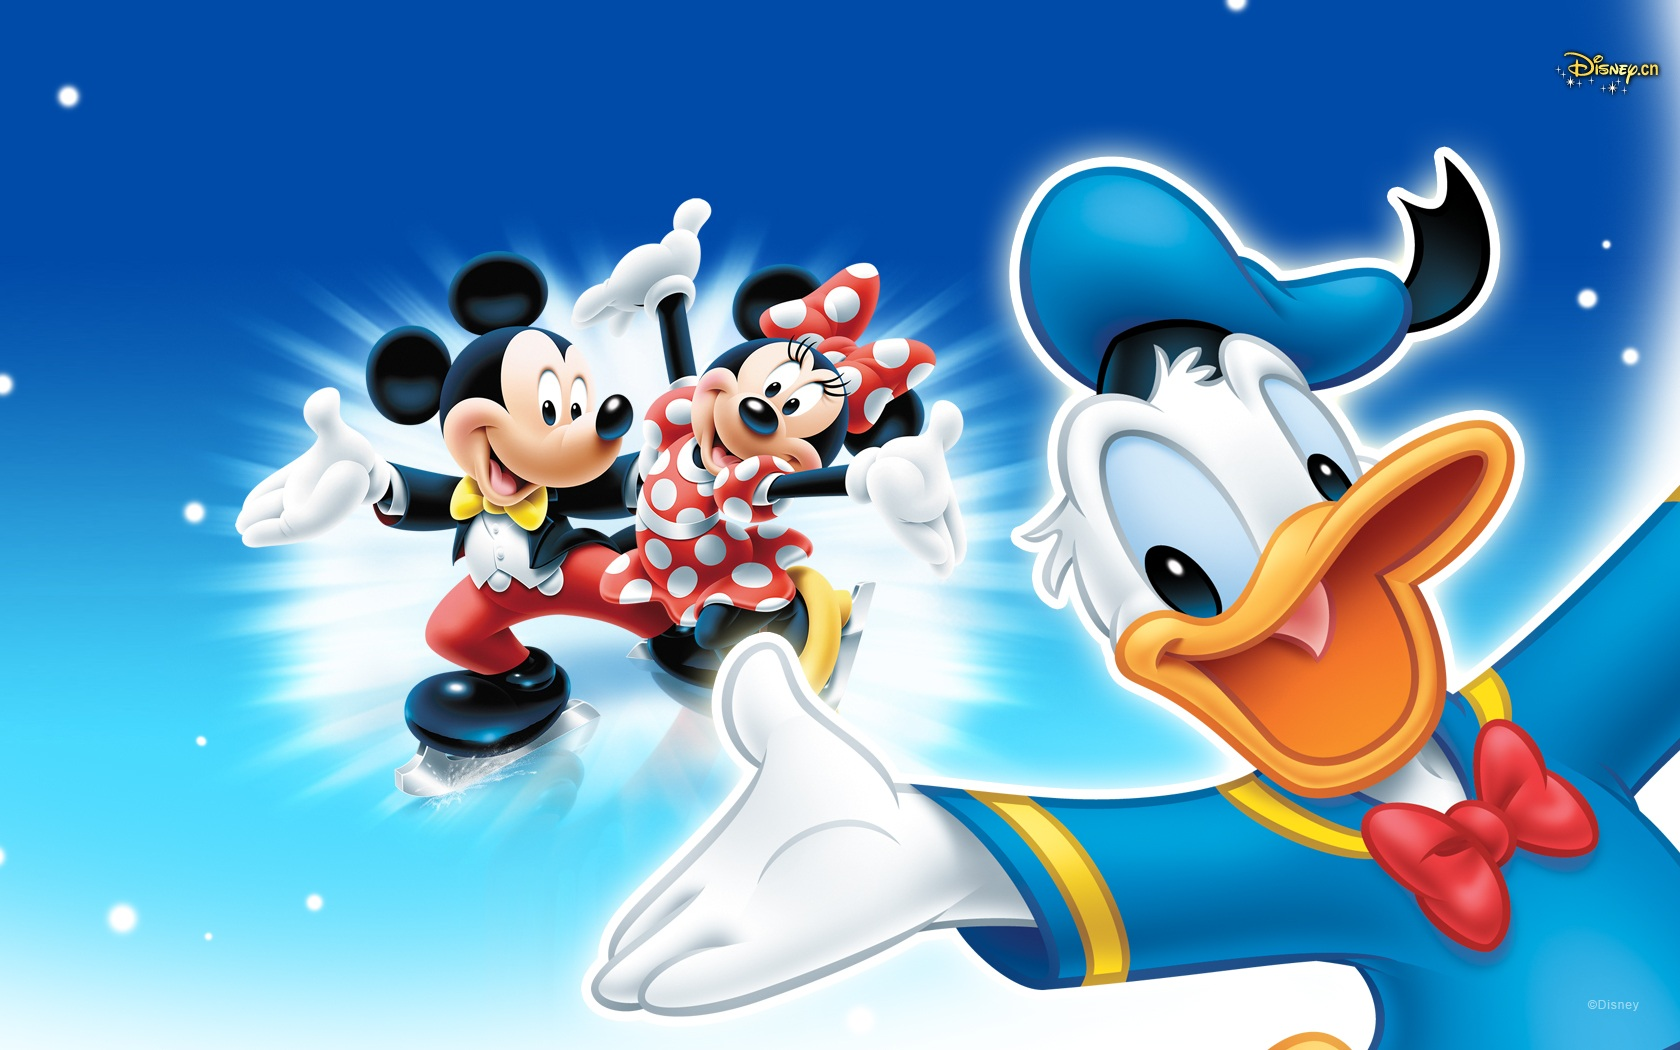 ミッキーと氷のドナルドダック 640x960 Iphone 4 4s 壁紙 背景 画像